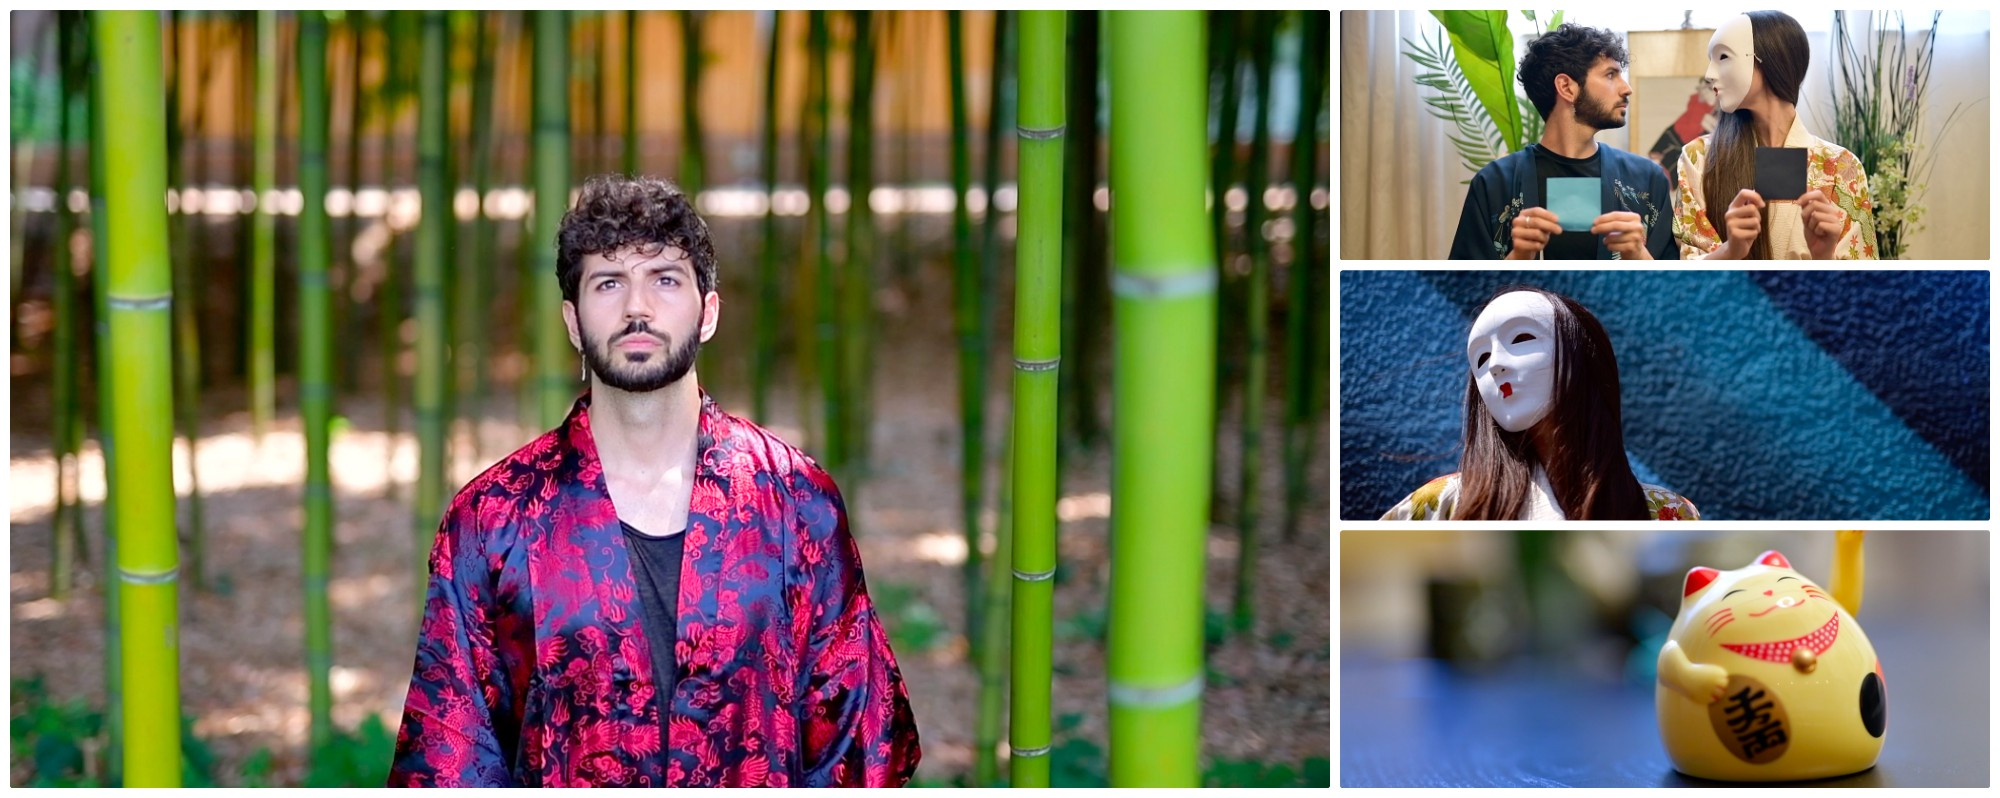 Destinazione Kyoto, il singolo di Deni Beat racconta di un nuovo viaggio